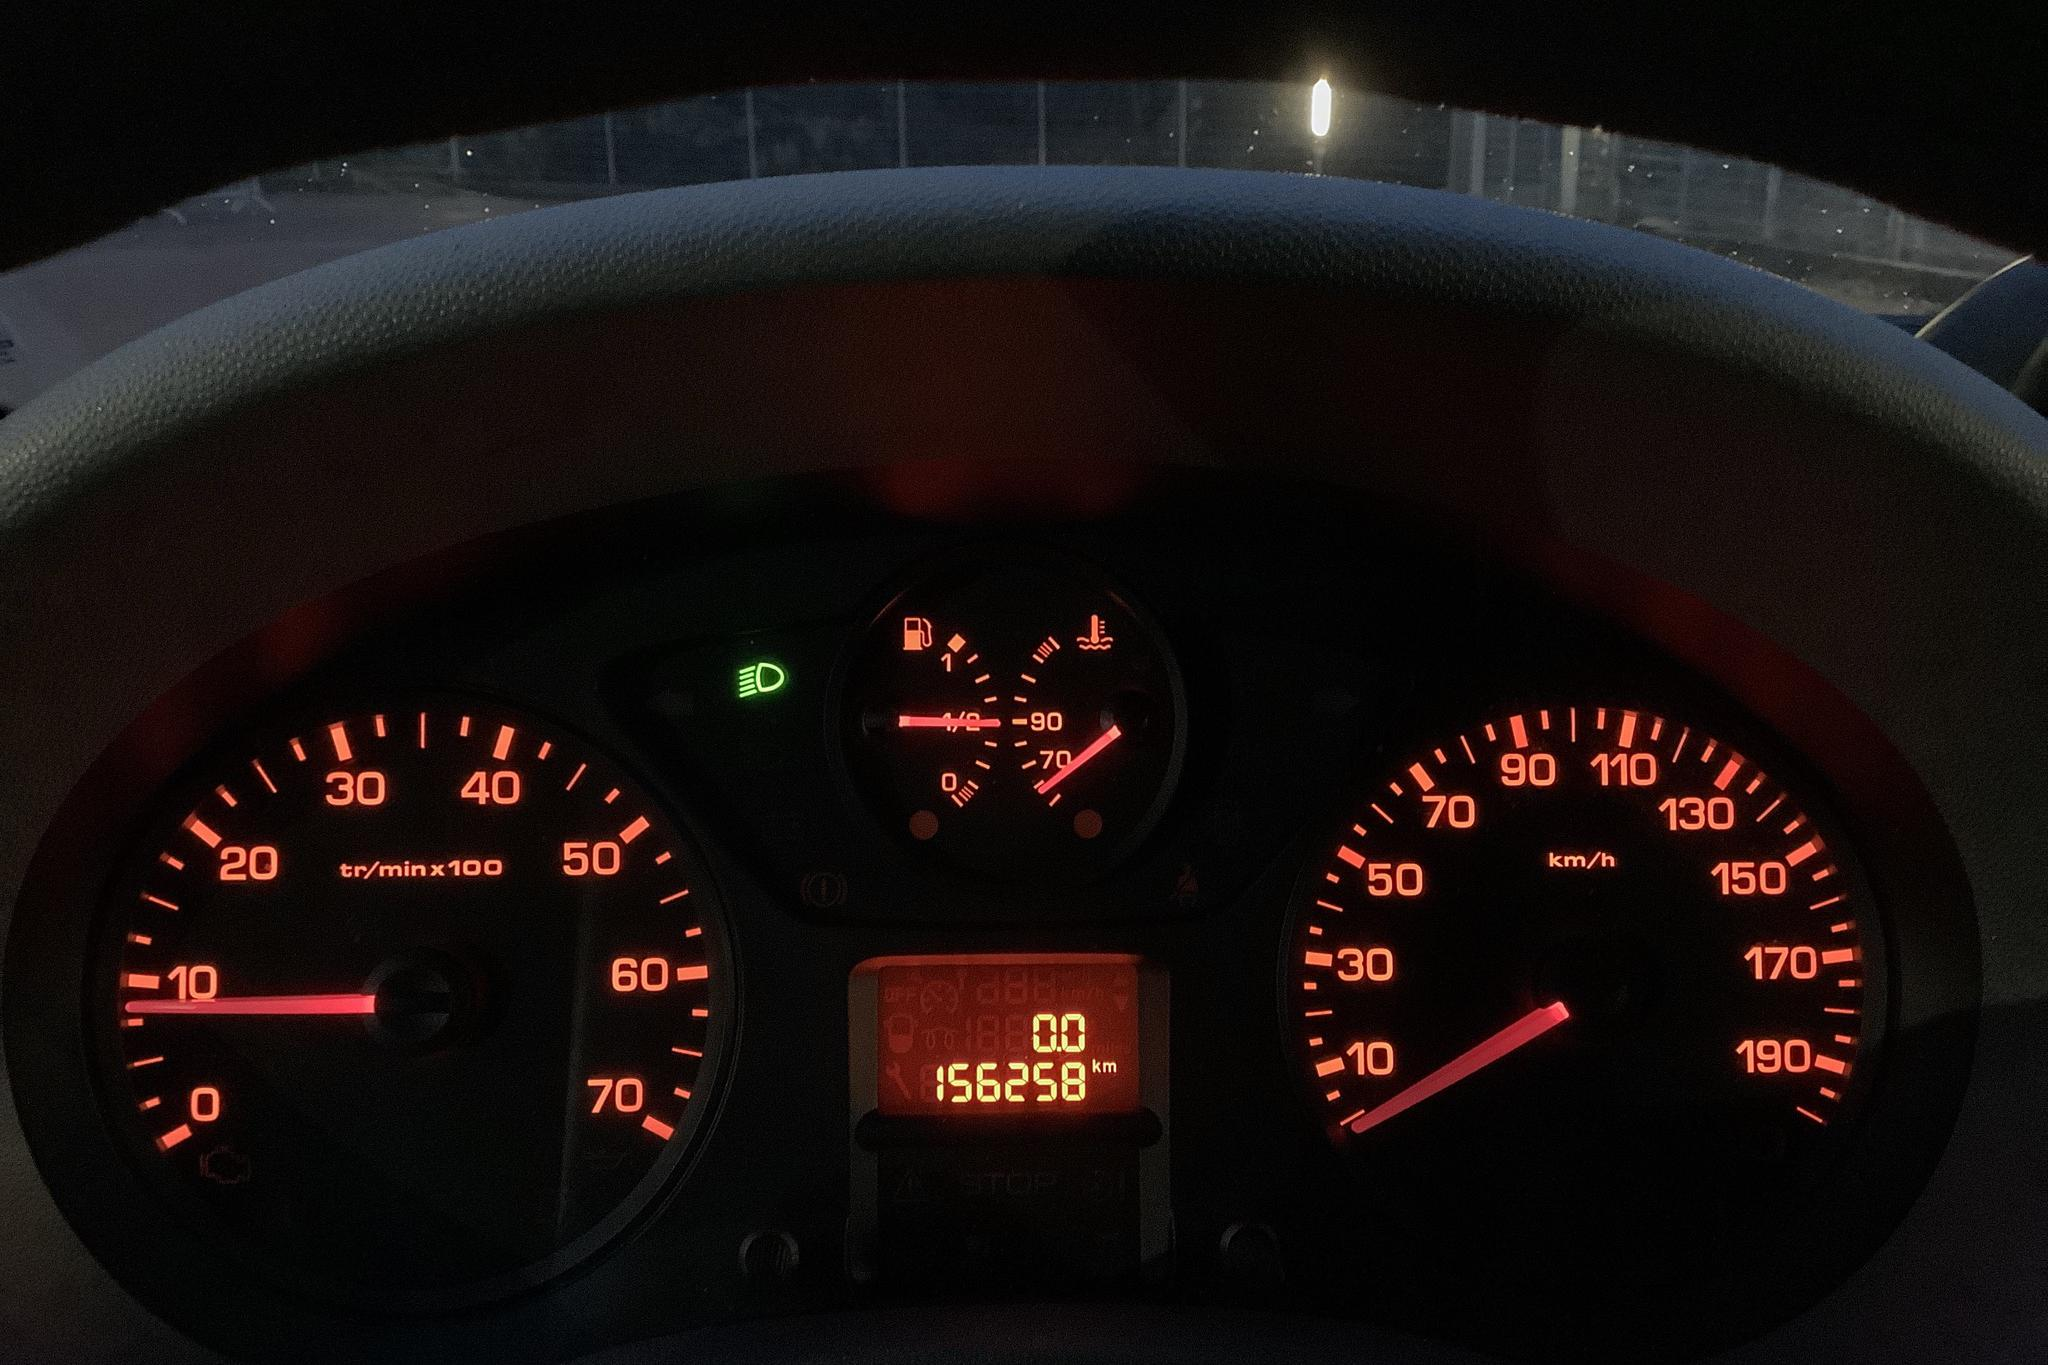 Peugeot Expert 1.6 HDI Skåp (90hk) - 15 625 mil - Manuell - vit - 2011